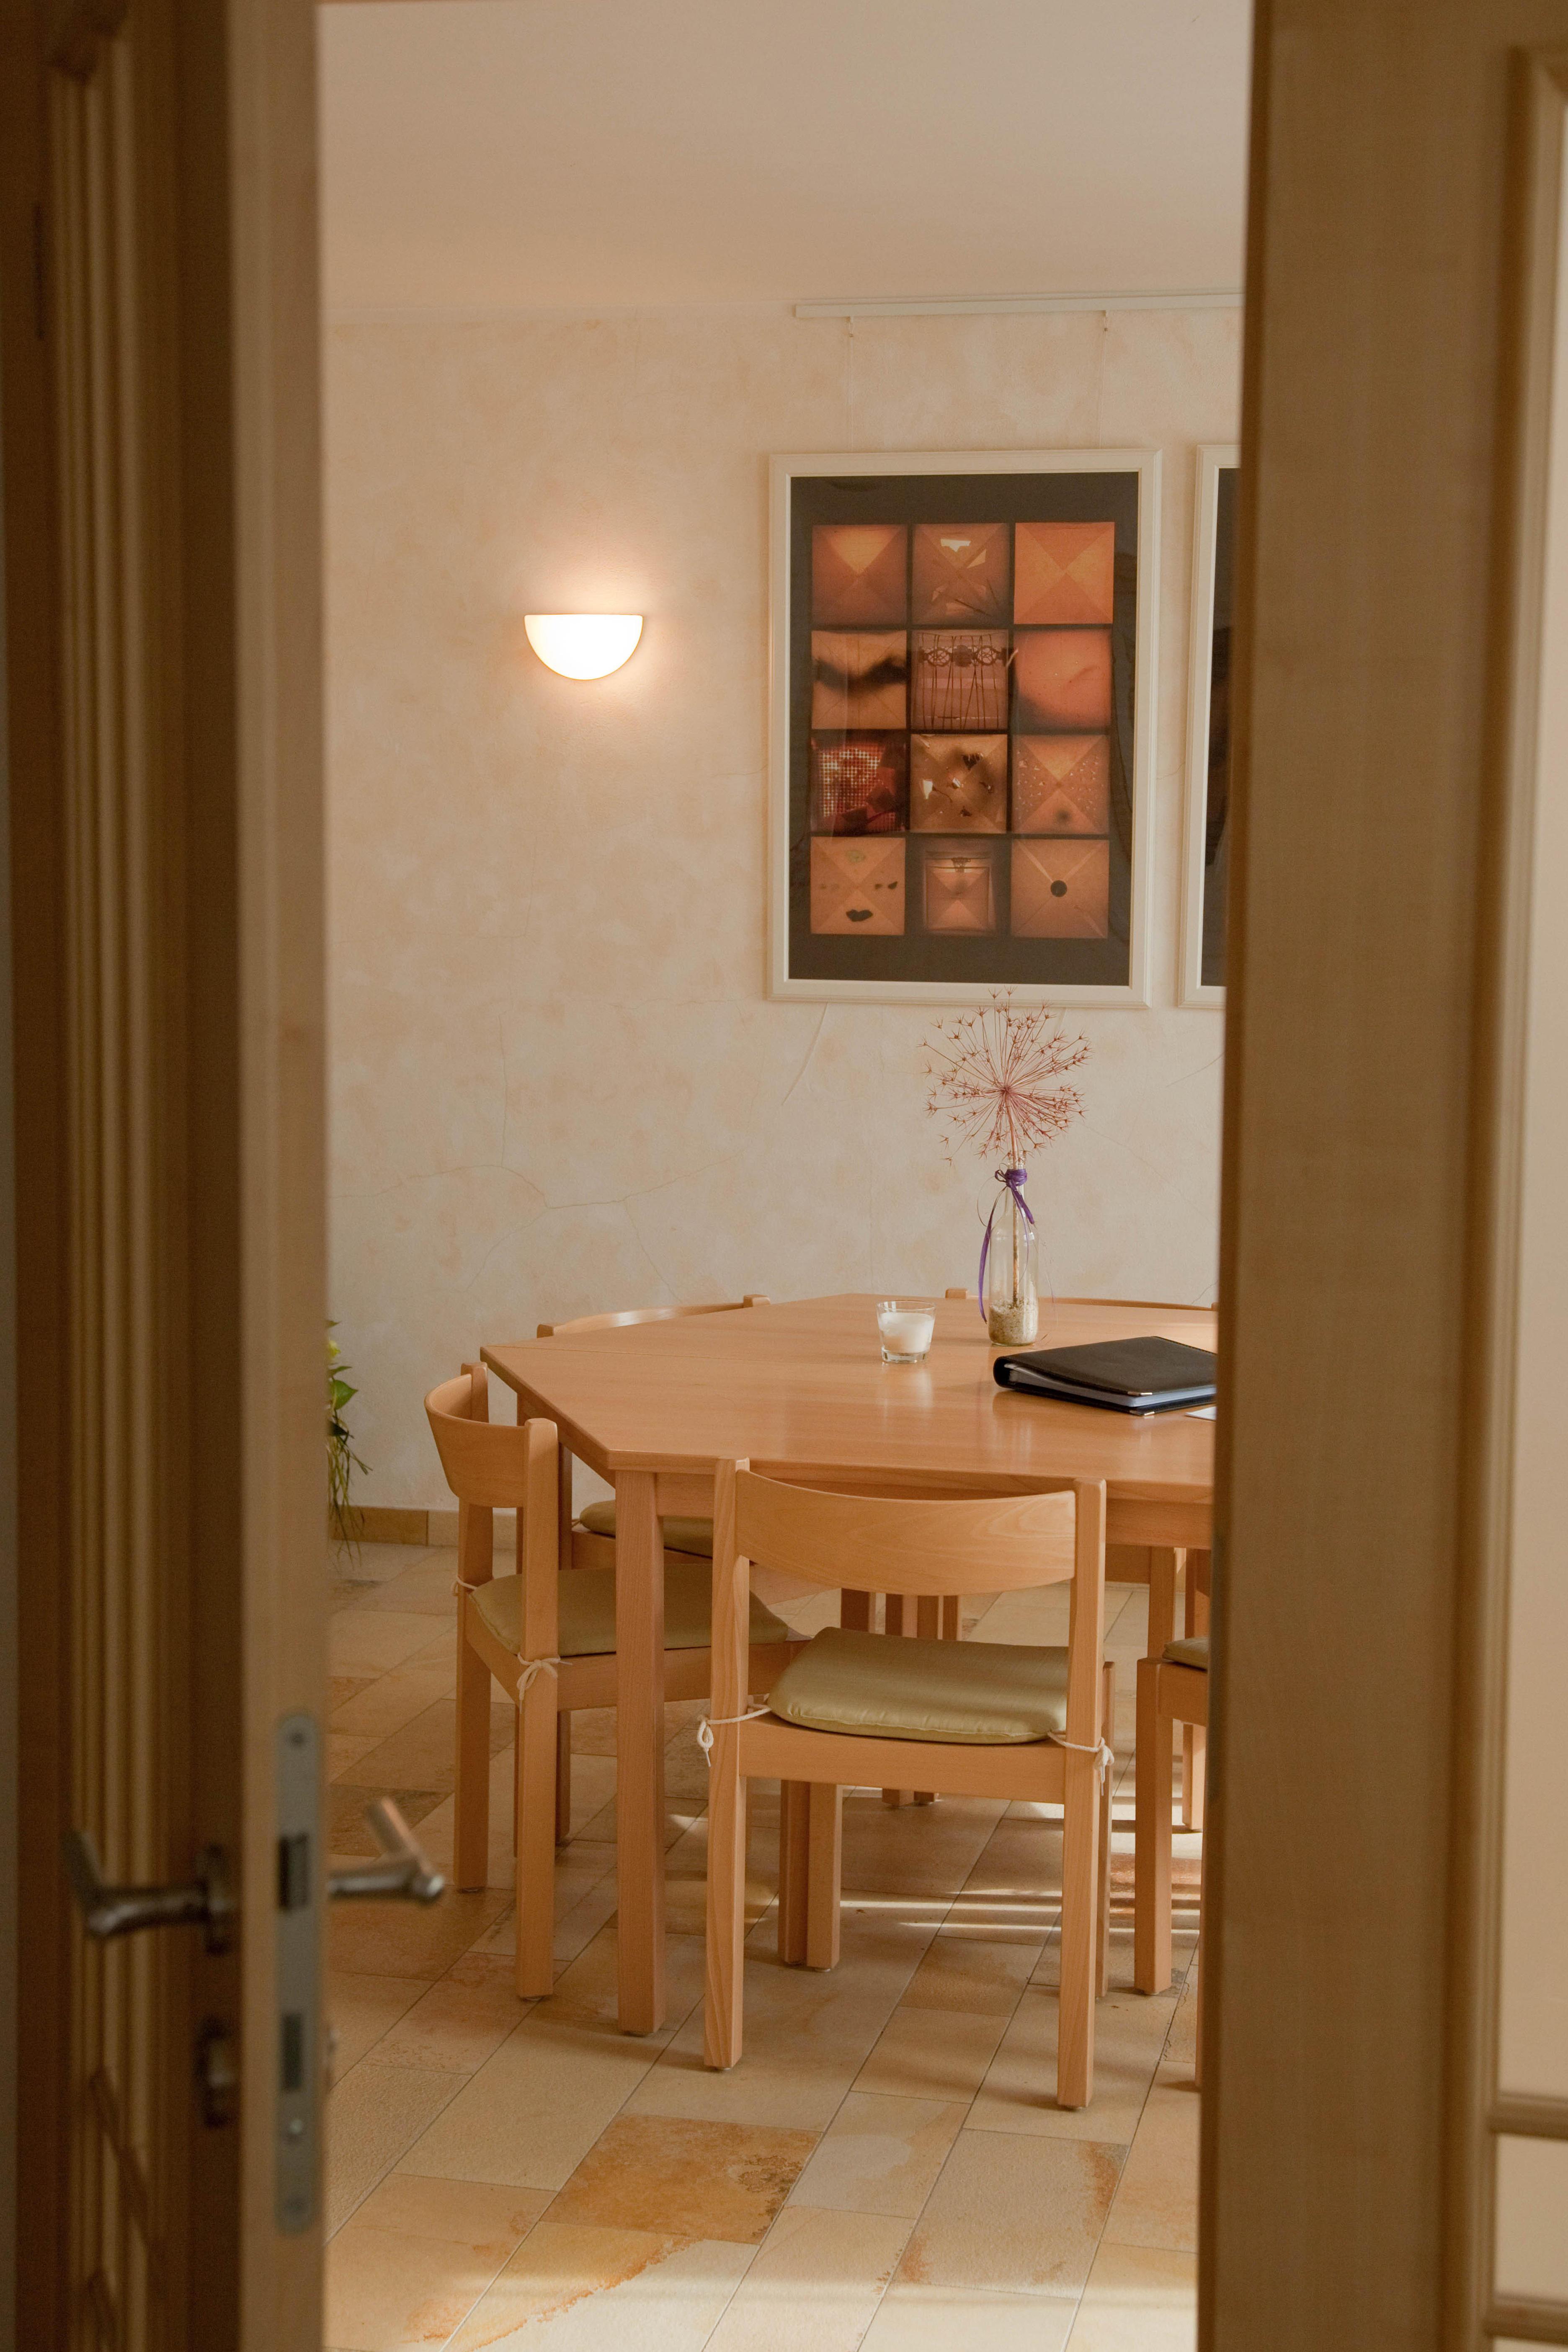 bestattungen friedrich hahn gmbh bestattungsinstitute. Black Bedroom Furniture Sets. Home Design Ideas